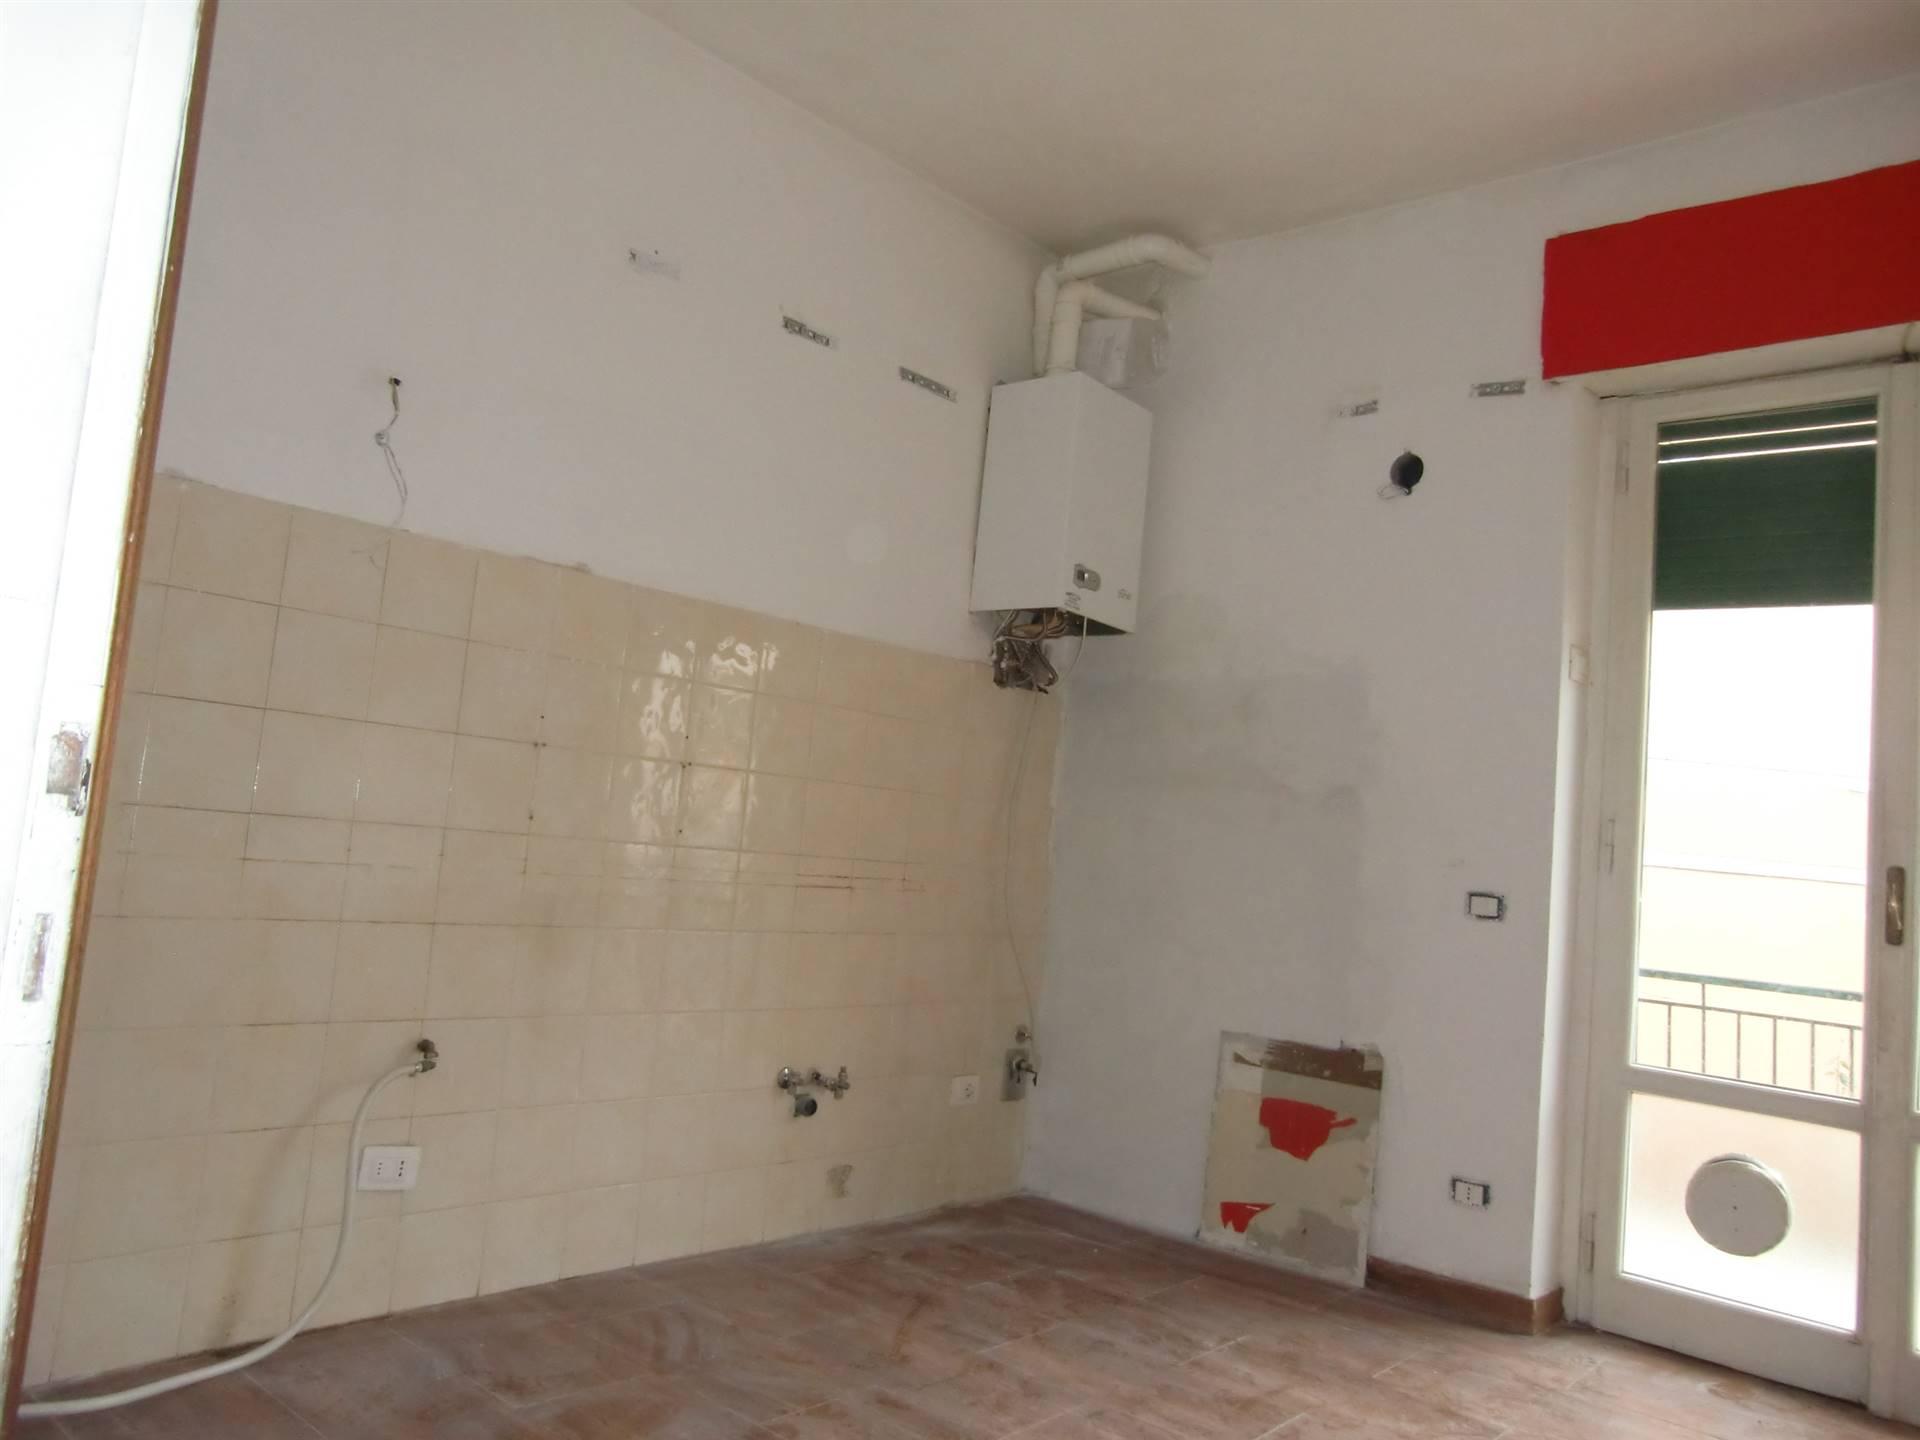 Appartamento in vendita a San Giovanni Valdarno, 3 locali, zona io, prezzo € 82.000 | PortaleAgenzieImmobiliari.it